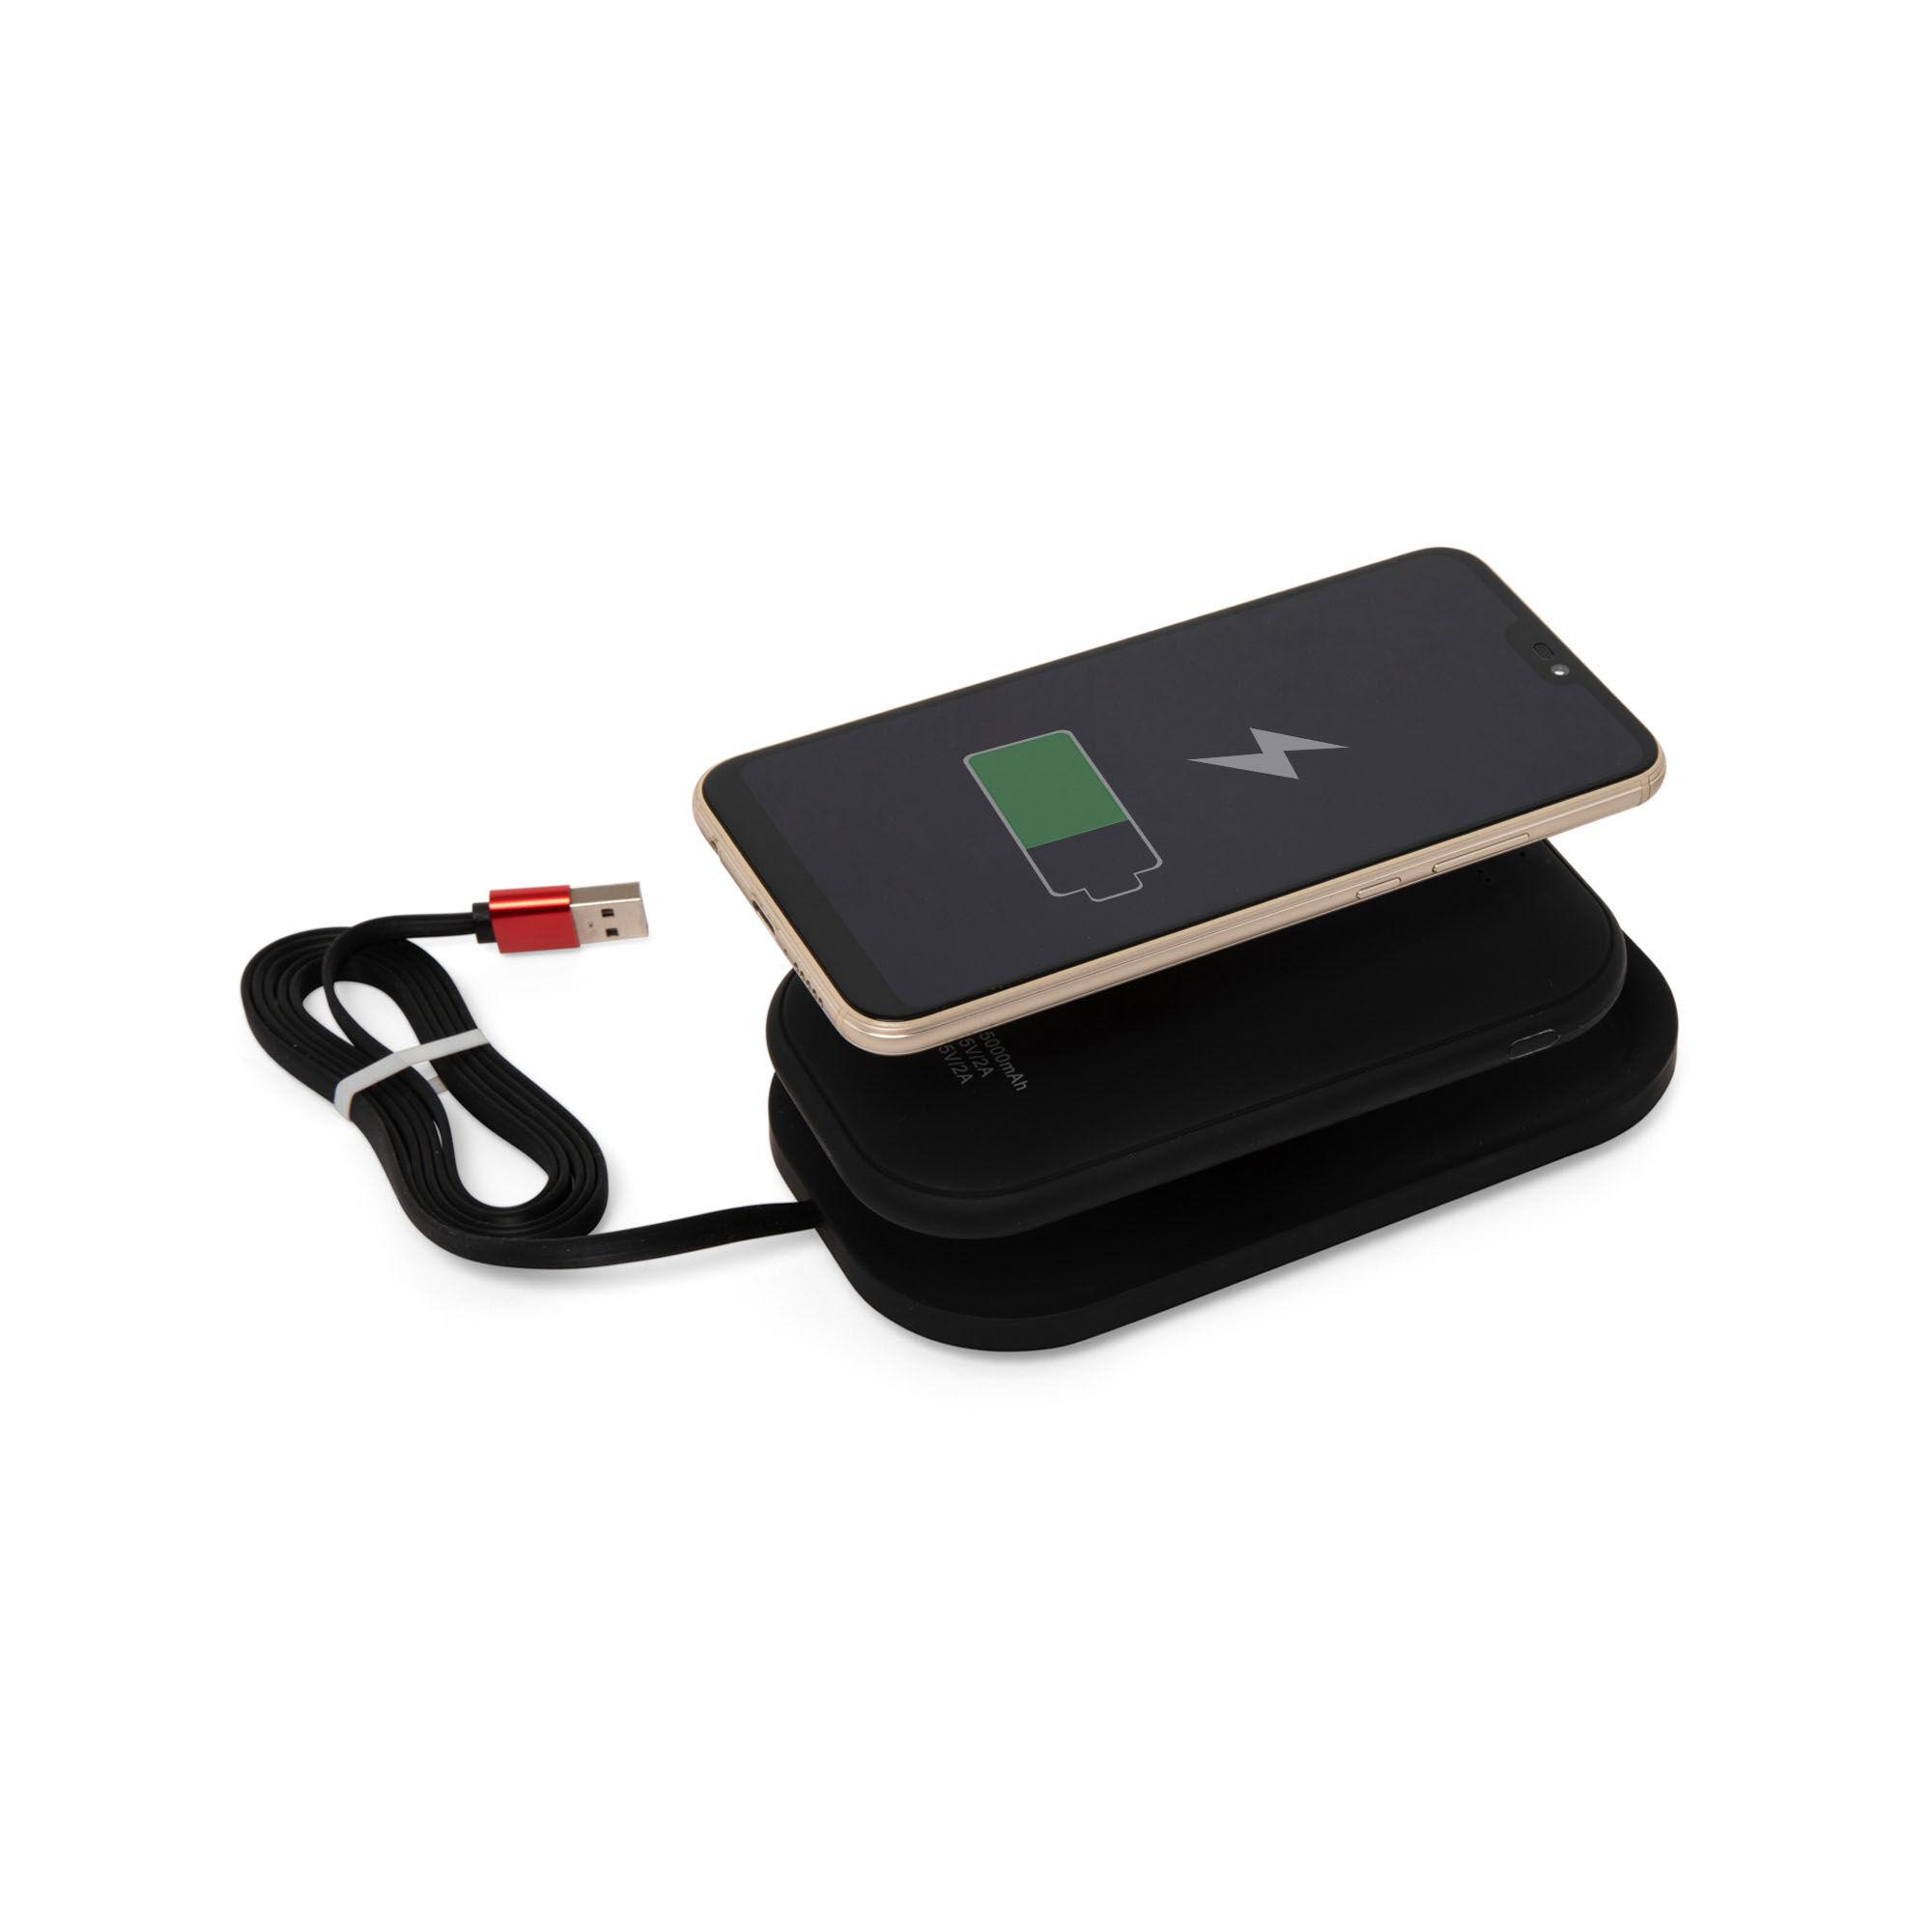 Batterie externe de 5000 mAh avec support sans fil et technologie Qi, noir, large